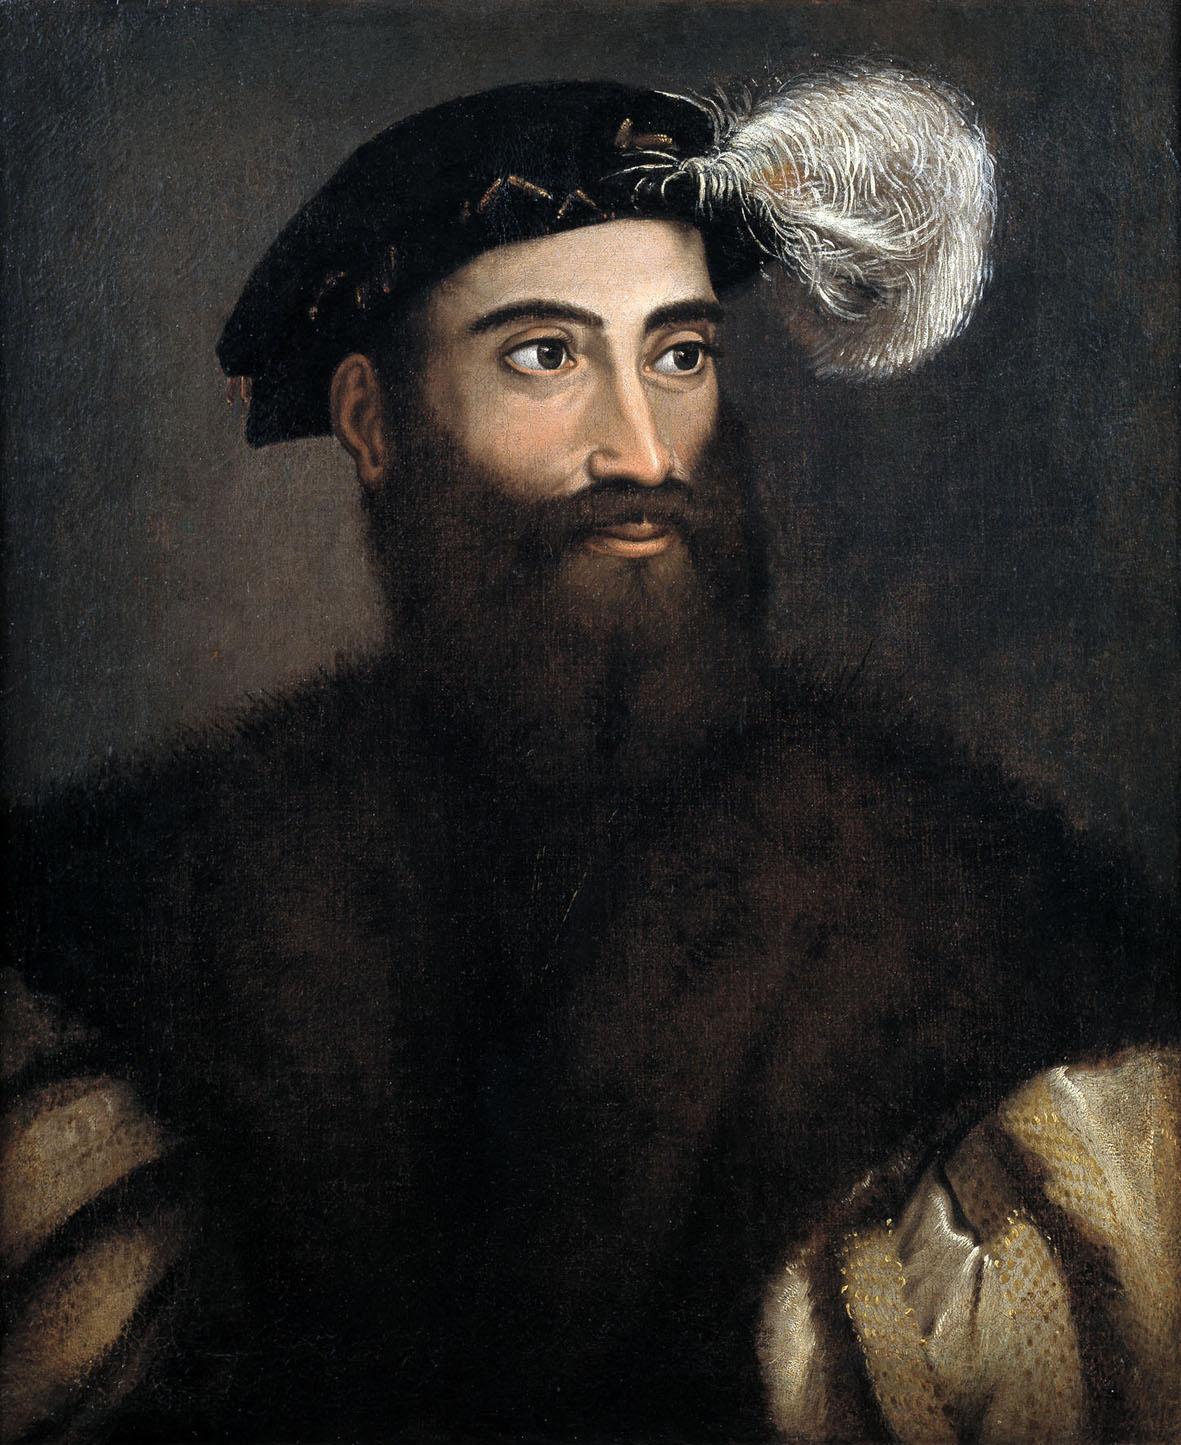 Pier Luigi Farnese (1503-1547), dal 1537 alla scomparsa primo duca di Castro, ritratto da Sebastiano dal Piombo. Più noto è un marziale ritratto del duca in armatura realizzato da Tiziano